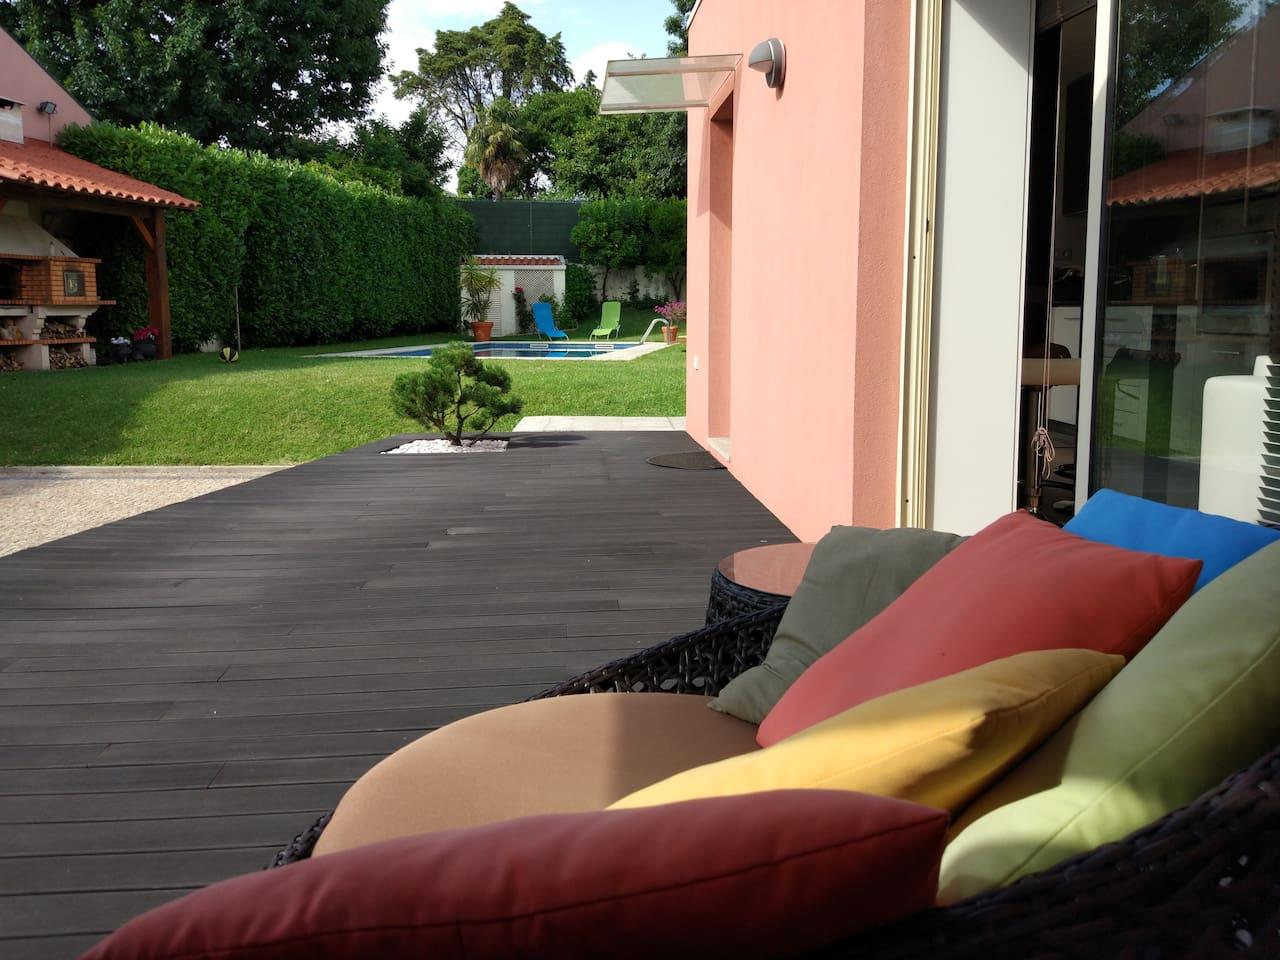 Deck exterior para relaxamento dos hóspedes